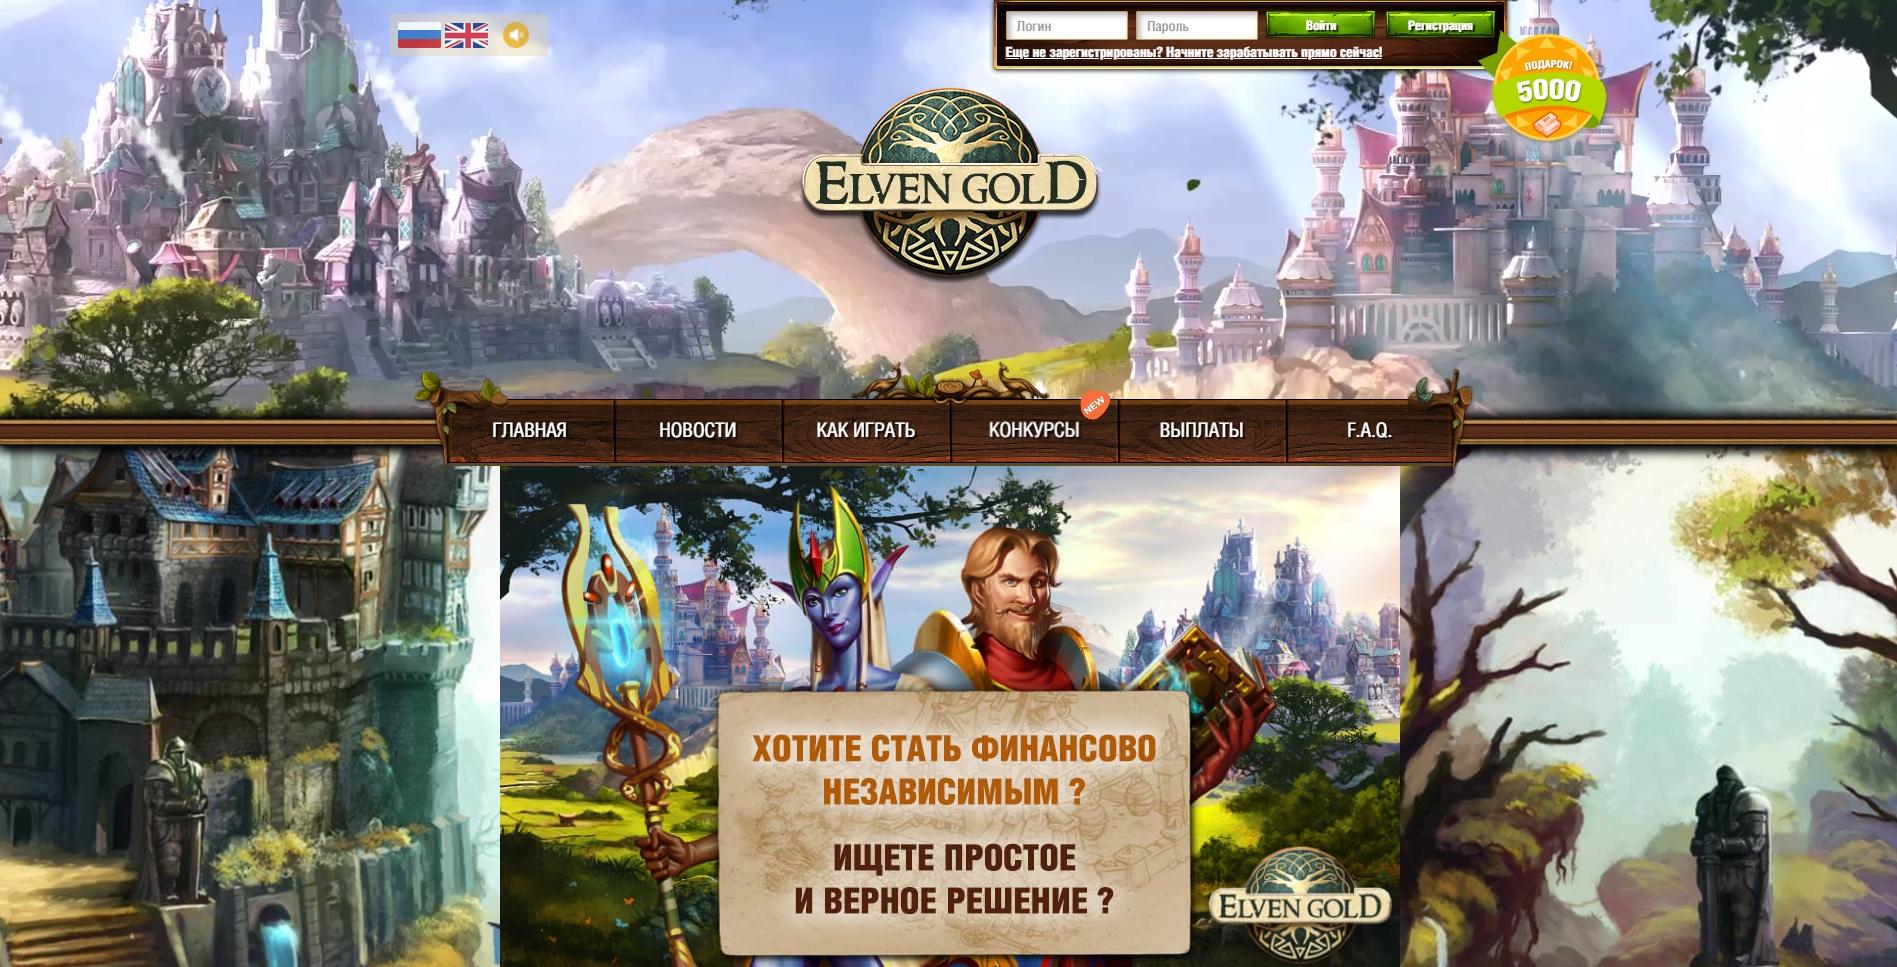 Elven Gold игра с выводом средств